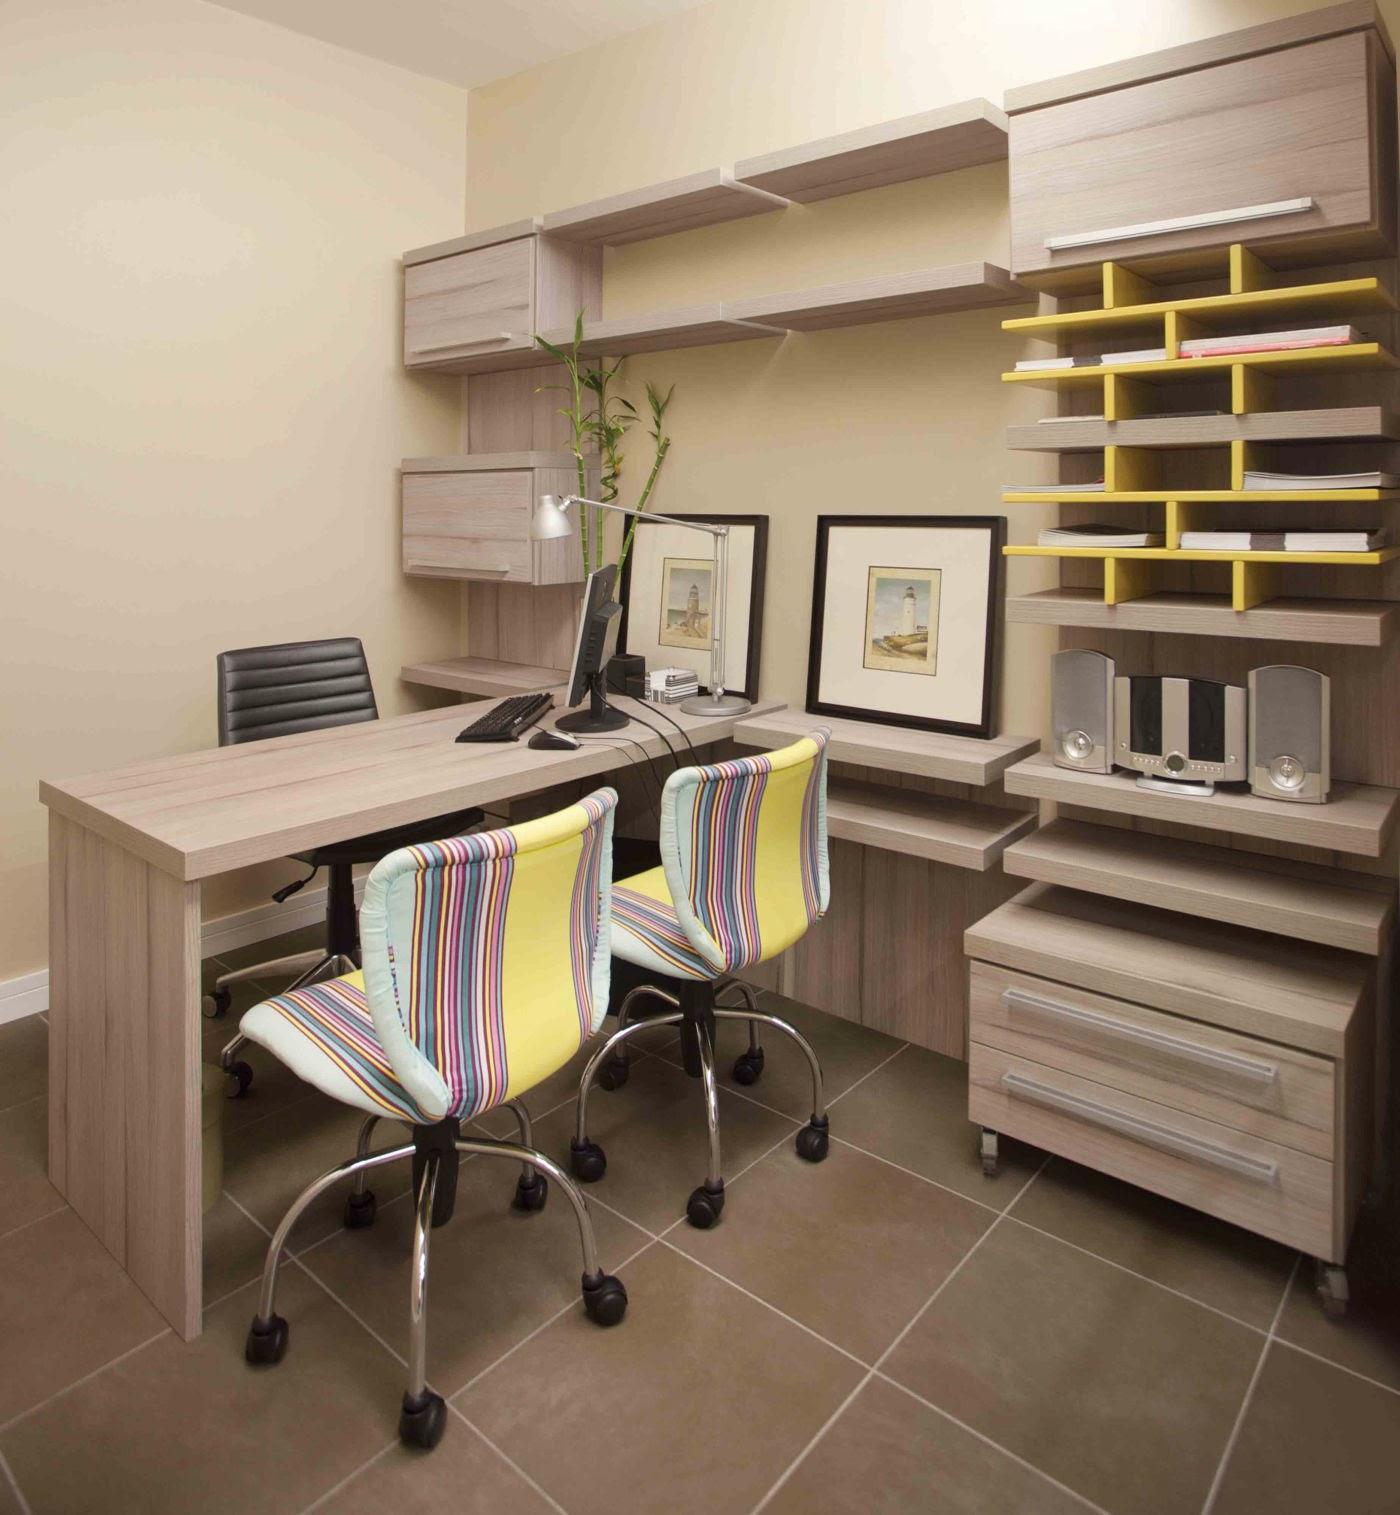 Marvelous Garota Com Modos Inspiracao Para Home Office Closet Quarto Largest Home Design Picture Inspirations Pitcheantrous